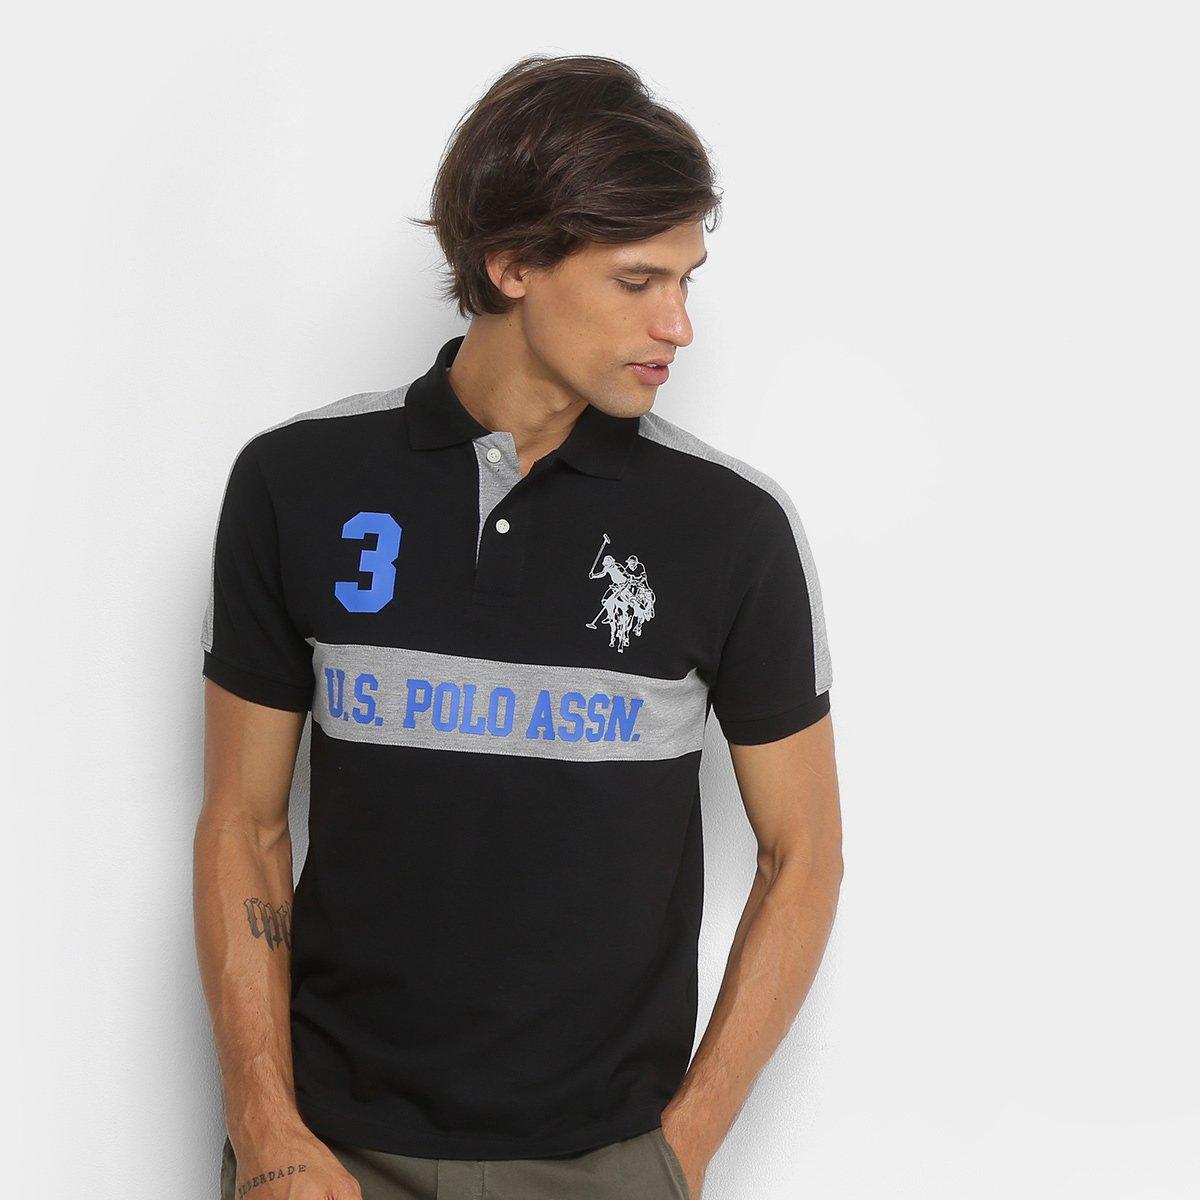 Camisa Polo U.S.Polo Assn Piquet Recorte Masculina ae812ba8afc18